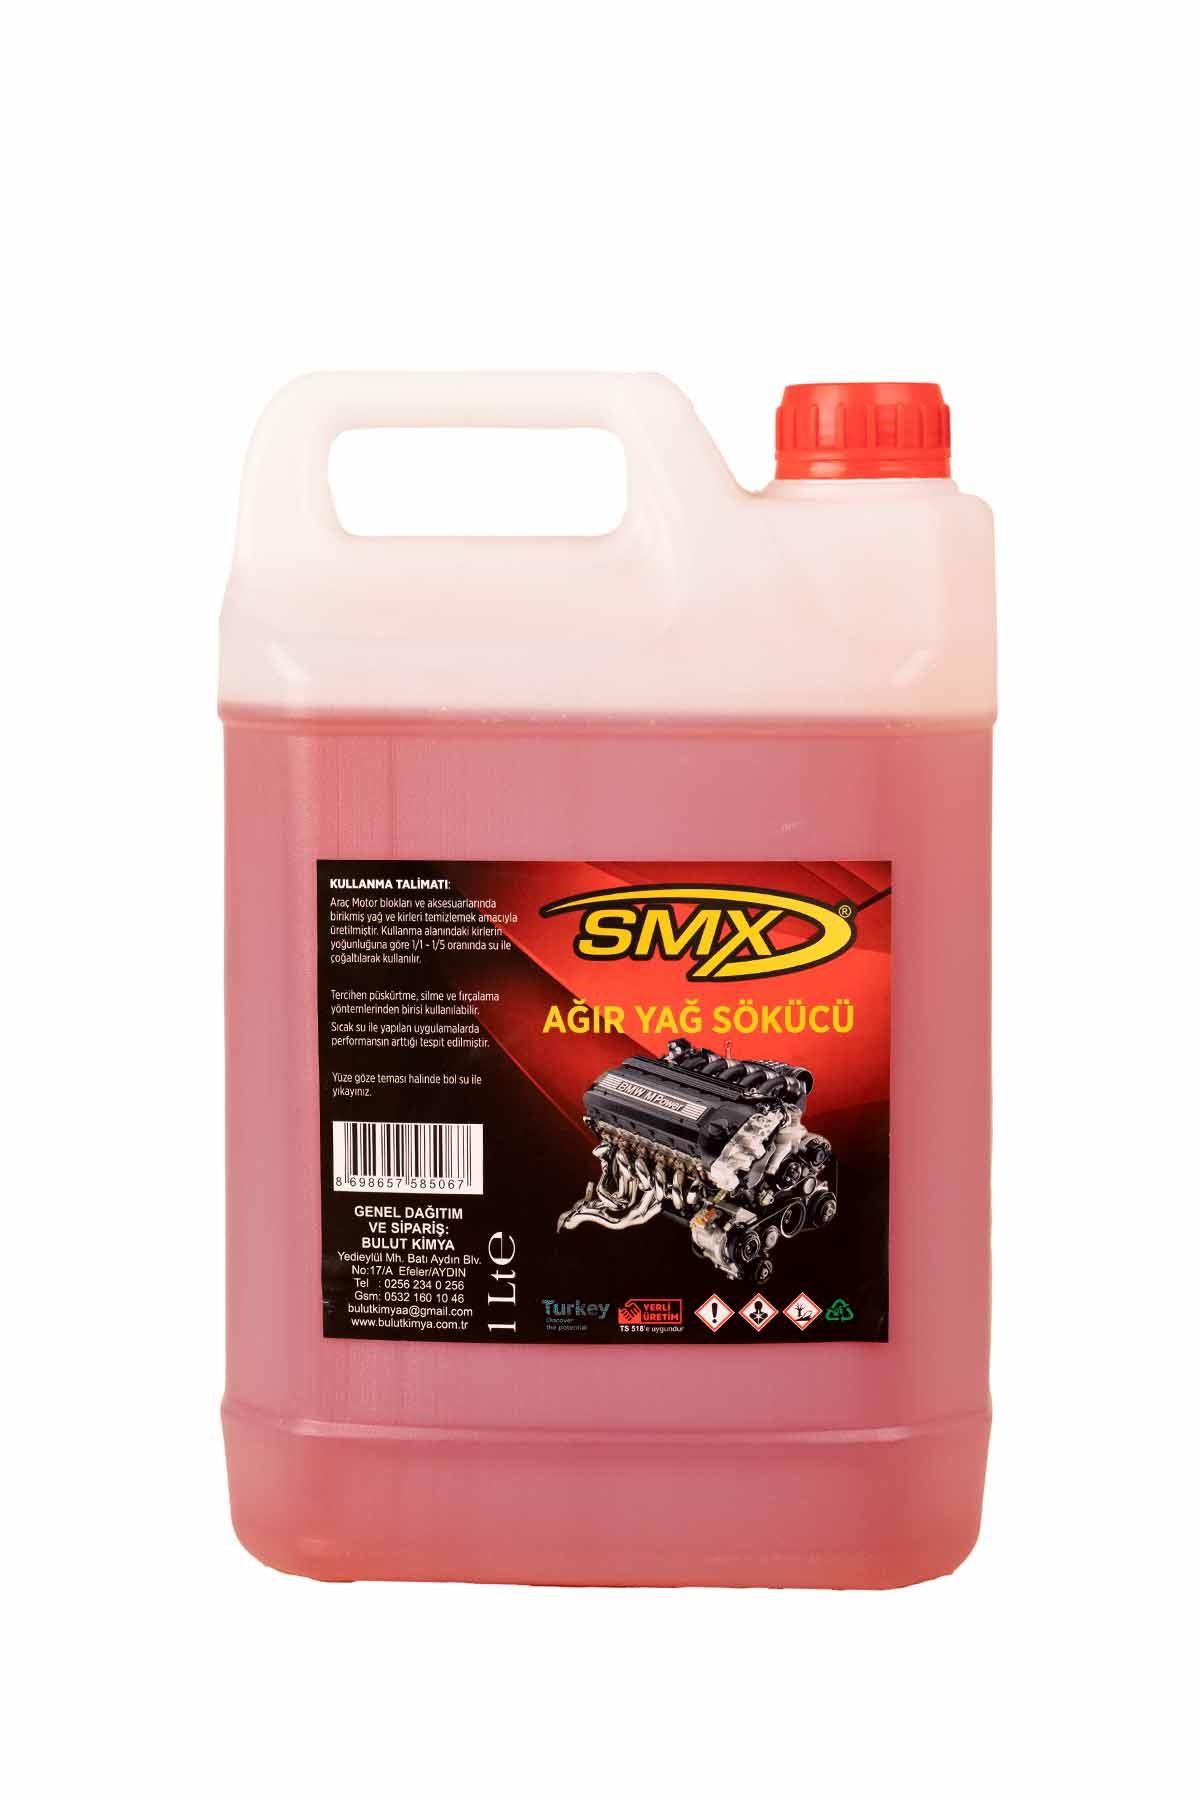 SMX Ağır Yağ Çözücü (5 LT)